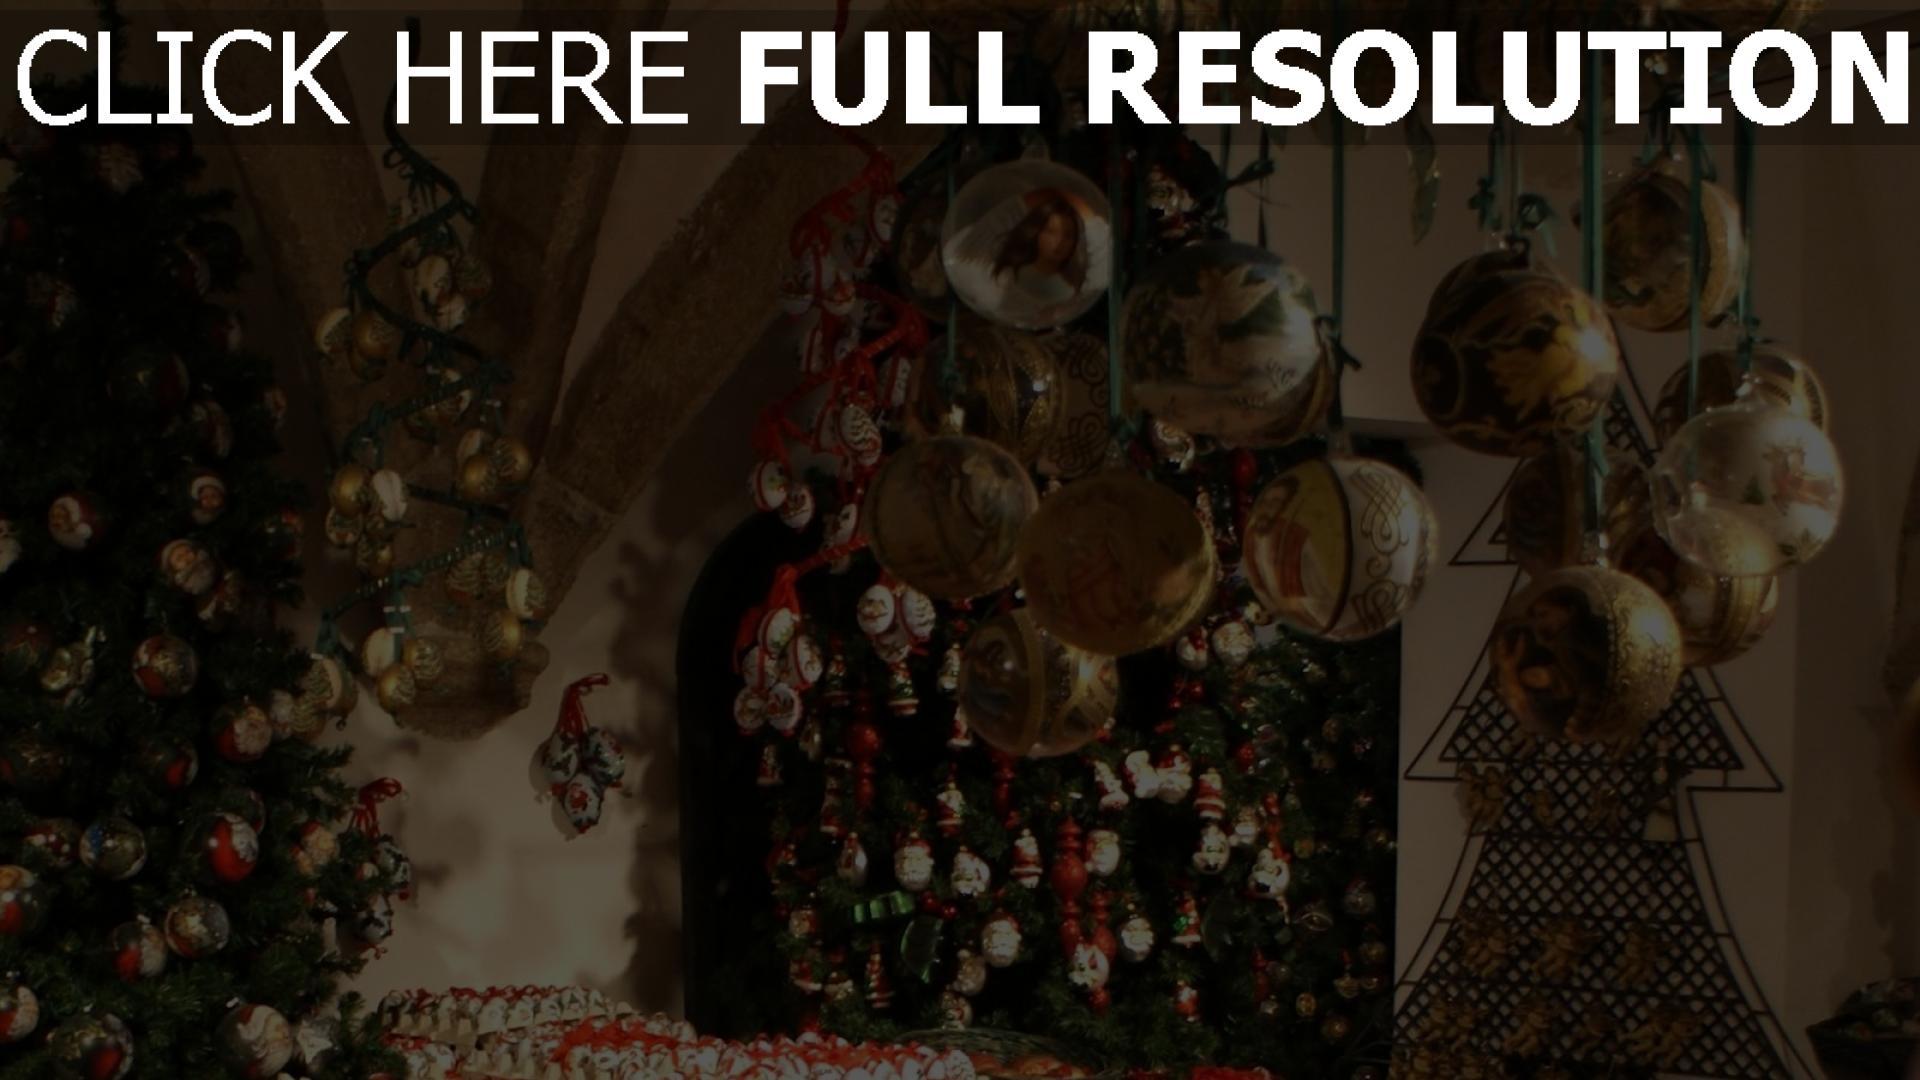 hd hintergrundbilder viele urlaub luftballons weihnachtsdekorationen bäume neues jahr 1920x1080